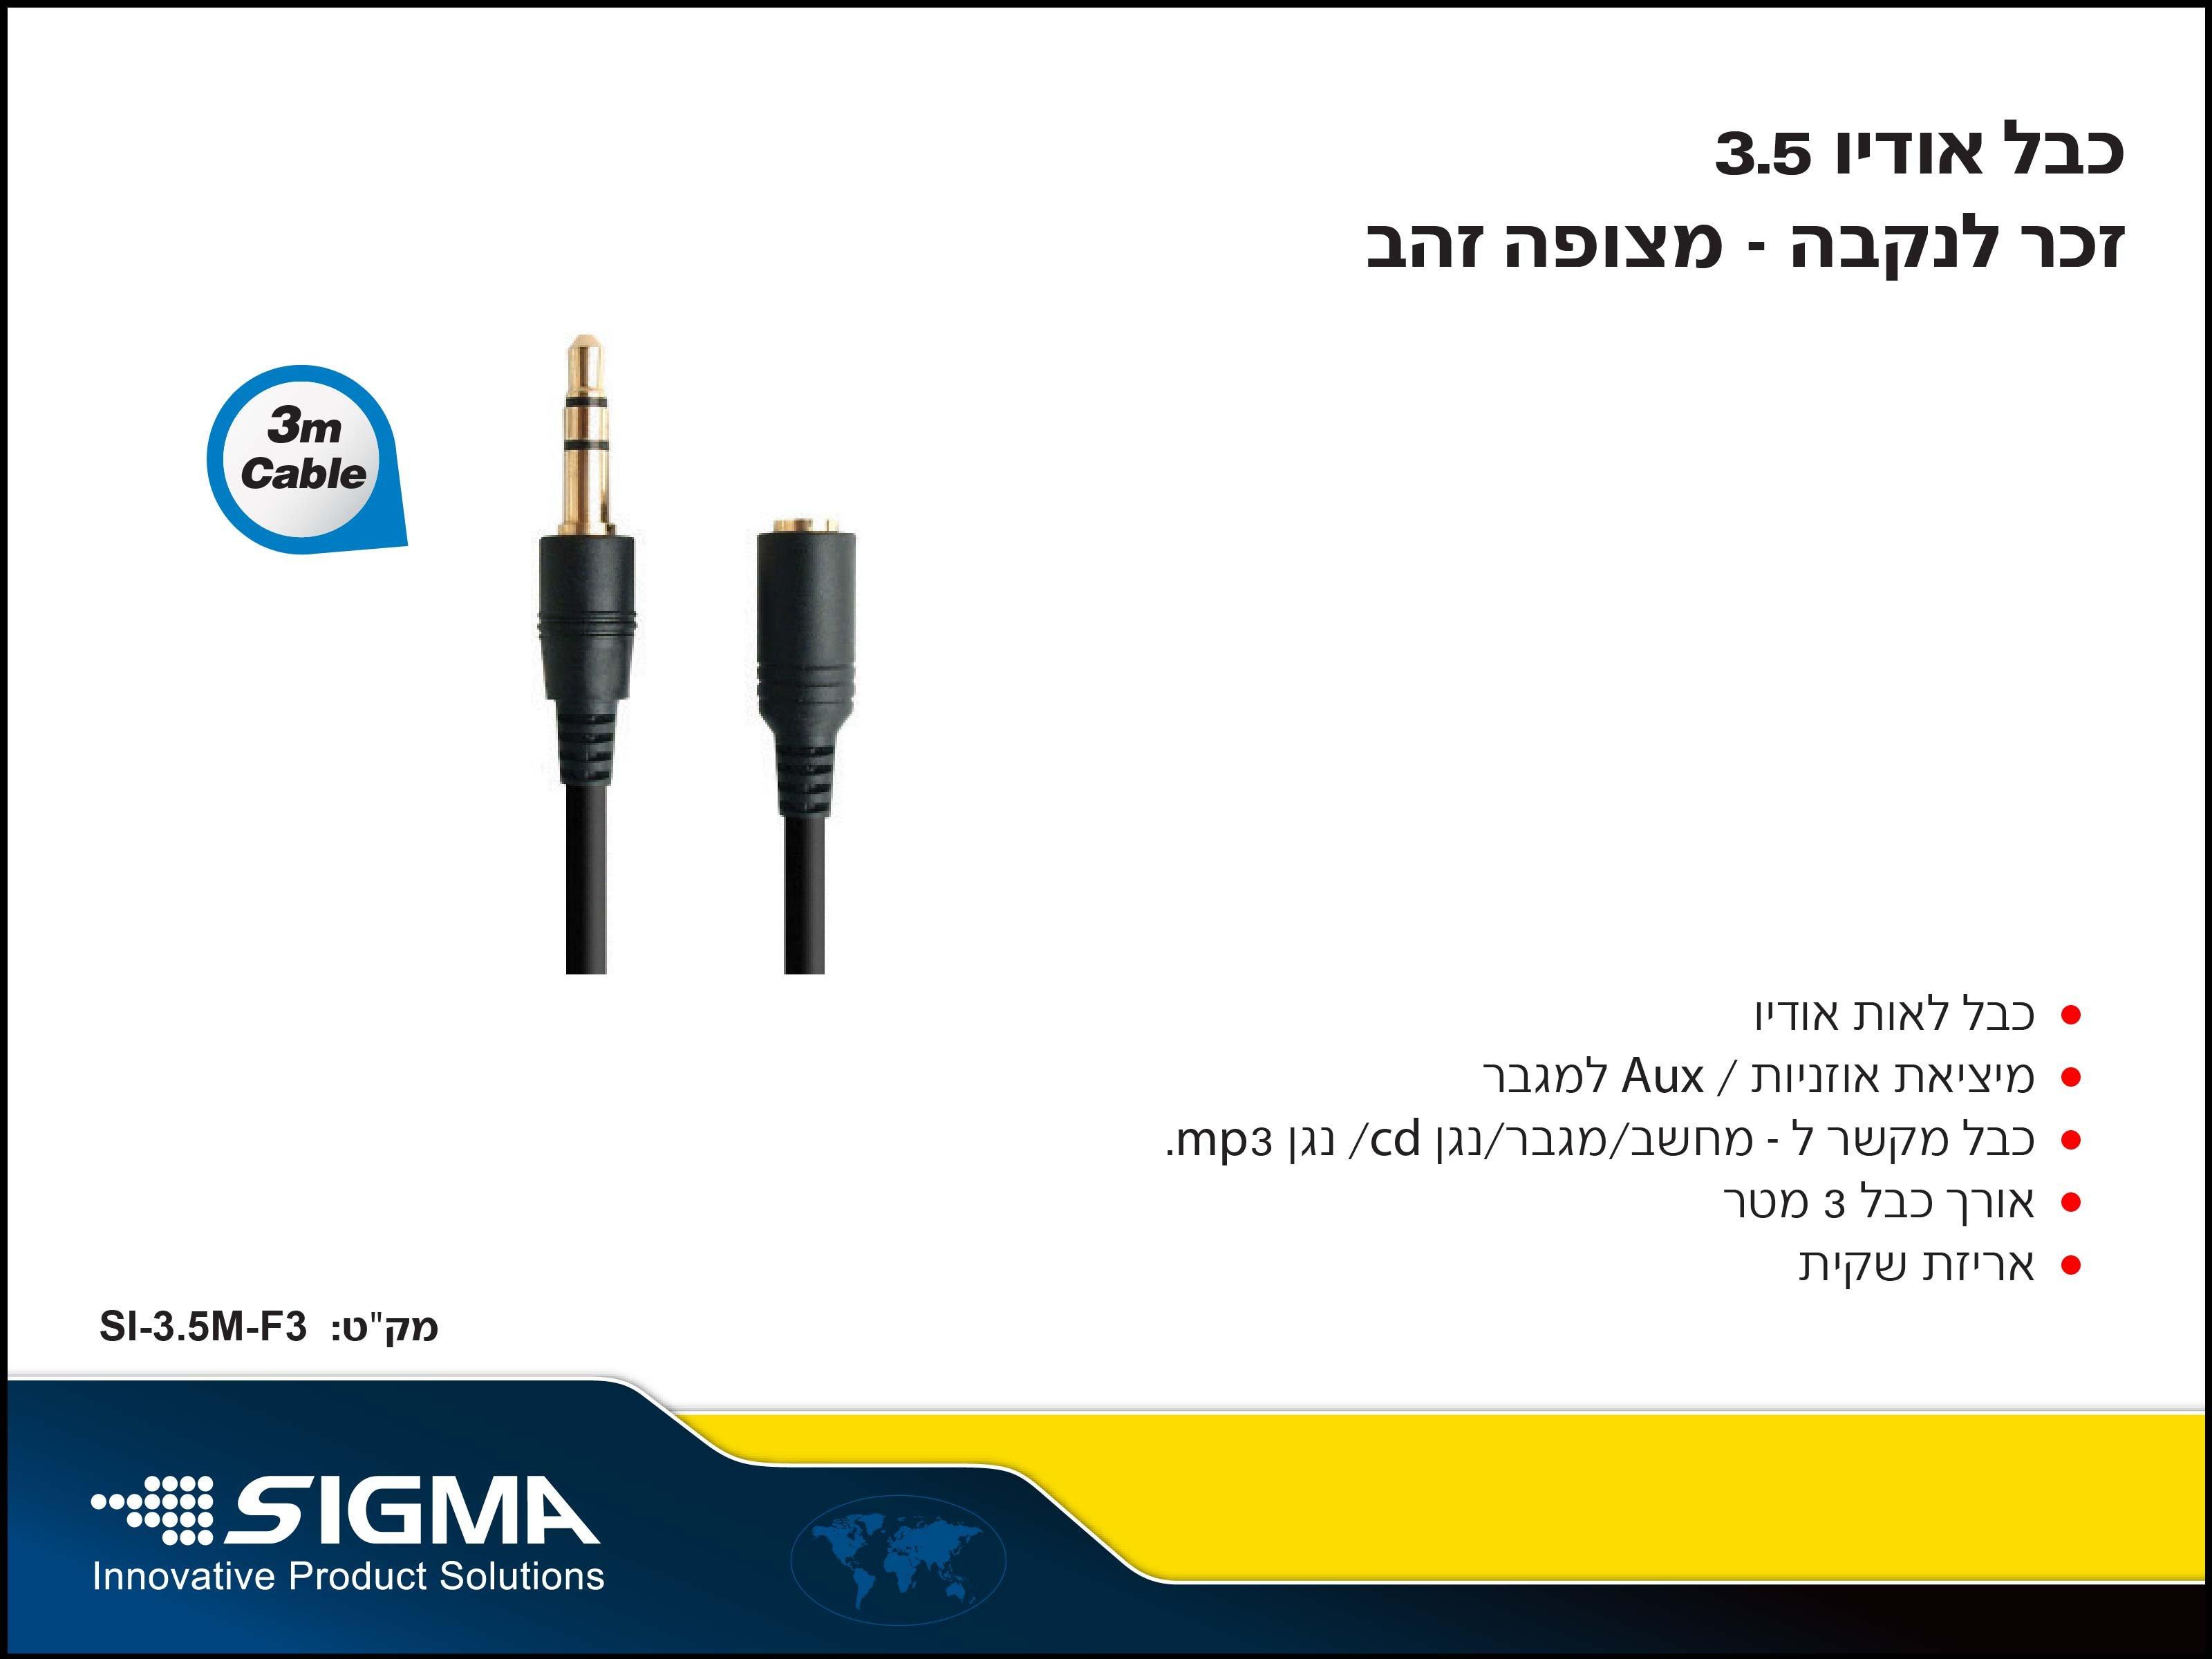 כבל מאריך 3.5- זכר לנקבה ציפוי זהב 3 מטר בשקית SIGMA